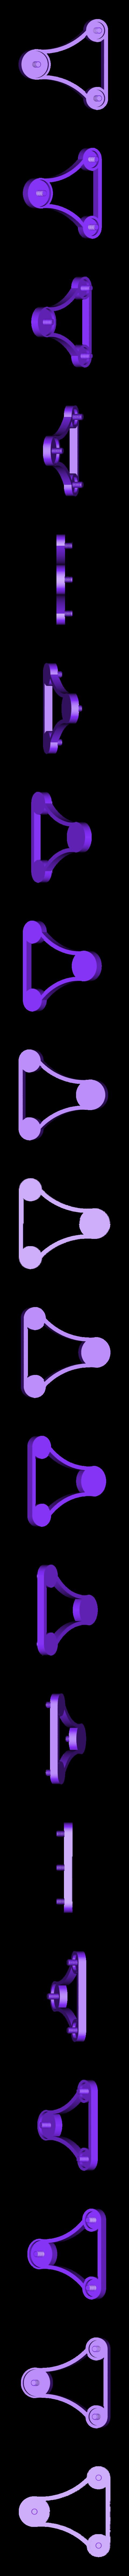 BaseArmBigTop.stl Télécharger fichier STL gratuit Porte-bobine universel - Ancienne version • Design à imprimer en 3D, Balkhagal4D